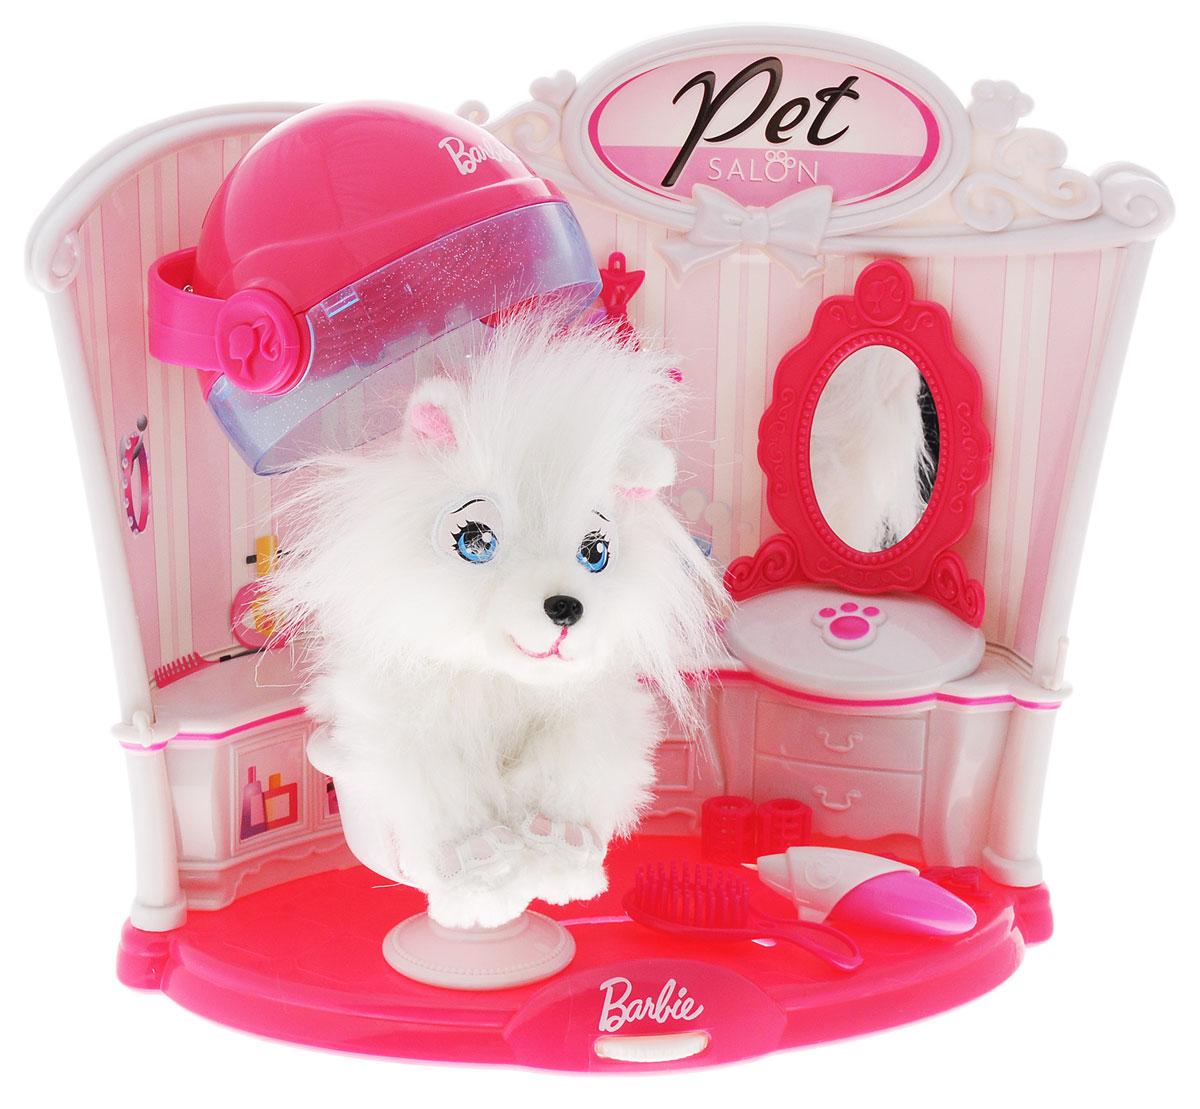 Barbie Игровой набор Салон для питомцаBBPS1Игровой набор Barbie Салон для питомца представляет собой уникальный красочный игровой вариант салона красоты для белоснежного домашнего питомца. Аксессуарами из набора можно причесать длинную шерсть собачки, завить ее миниатюрными бигуди, сделать химию и покрасоваться полученным результатом перед зеркальцем. В состав набора вошли - изящная собачка, восседающая на салонном кресле как на троне, уютная комната салона красоты с множеством профессиональных средств для укладки шерсти - массажная щетка, флакончик для жидкости, бигуди, заколки, резинки, а также шкафчики, зеркало, сушилка. Все выполнено в розово-белом цвете. Девочки, получив такой набор в подарок, научатся ухаживать и бережно относиться к домашним питомцам, смогут проявить свою фантазию и креатив в создании салонных образов и причесок. Необходимо купить батарейку напряжением 1,5V типа АА (не входит в комплект).